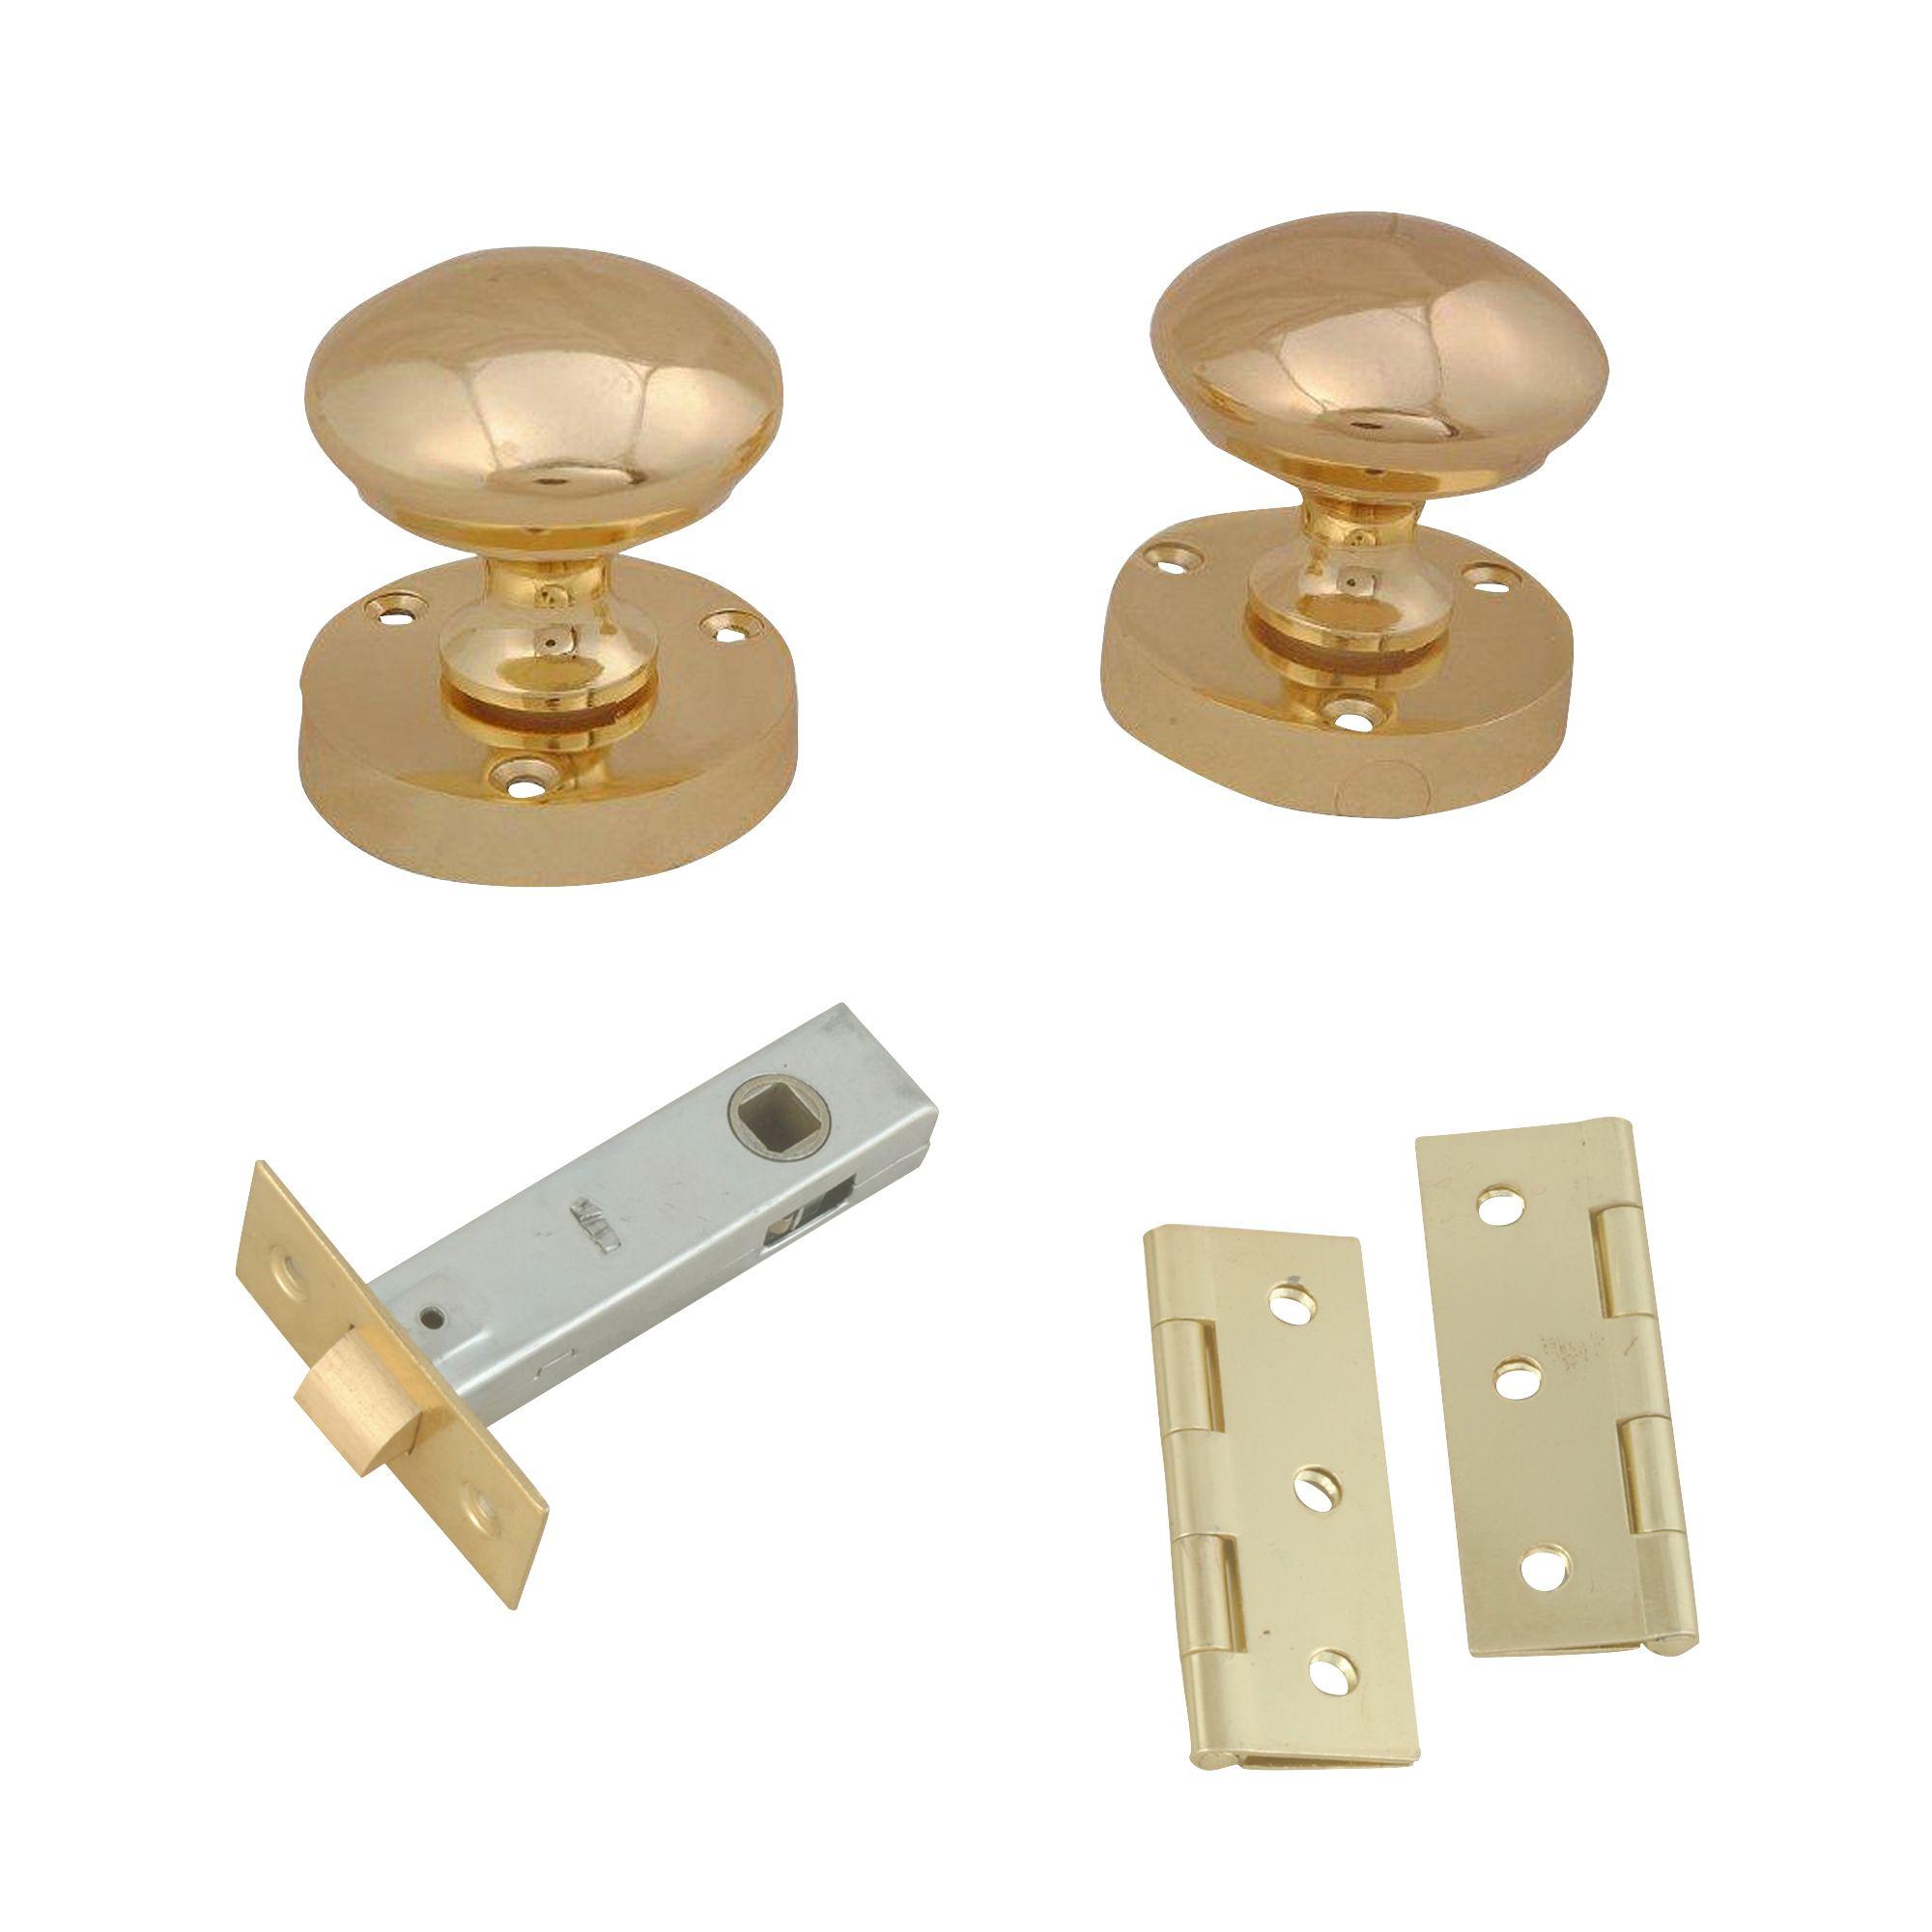 b&q door knobs photo - 11